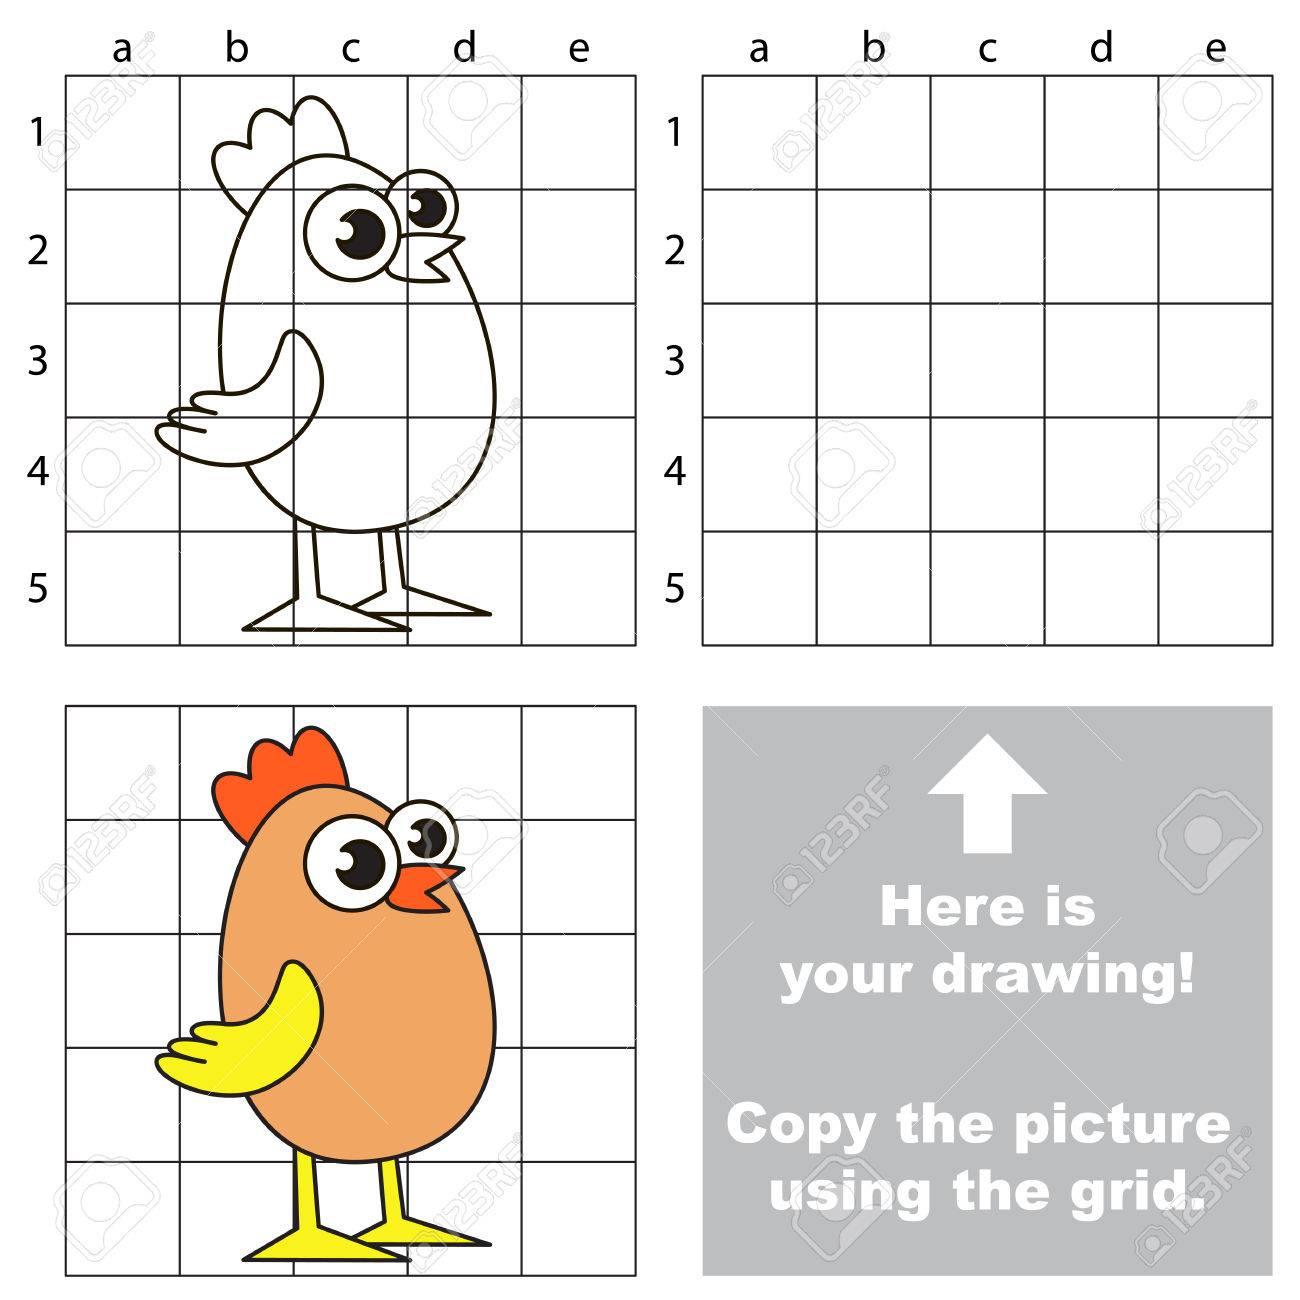 Copiez L'image En Utilisant Des Lignes De Quadrillage, Le Jeu Éducatif  Simple Pour L'éducation Des Enfants D'âge Préscolaire Avec Un Niveau De Jeu tout Dessin Sur Quadrillage